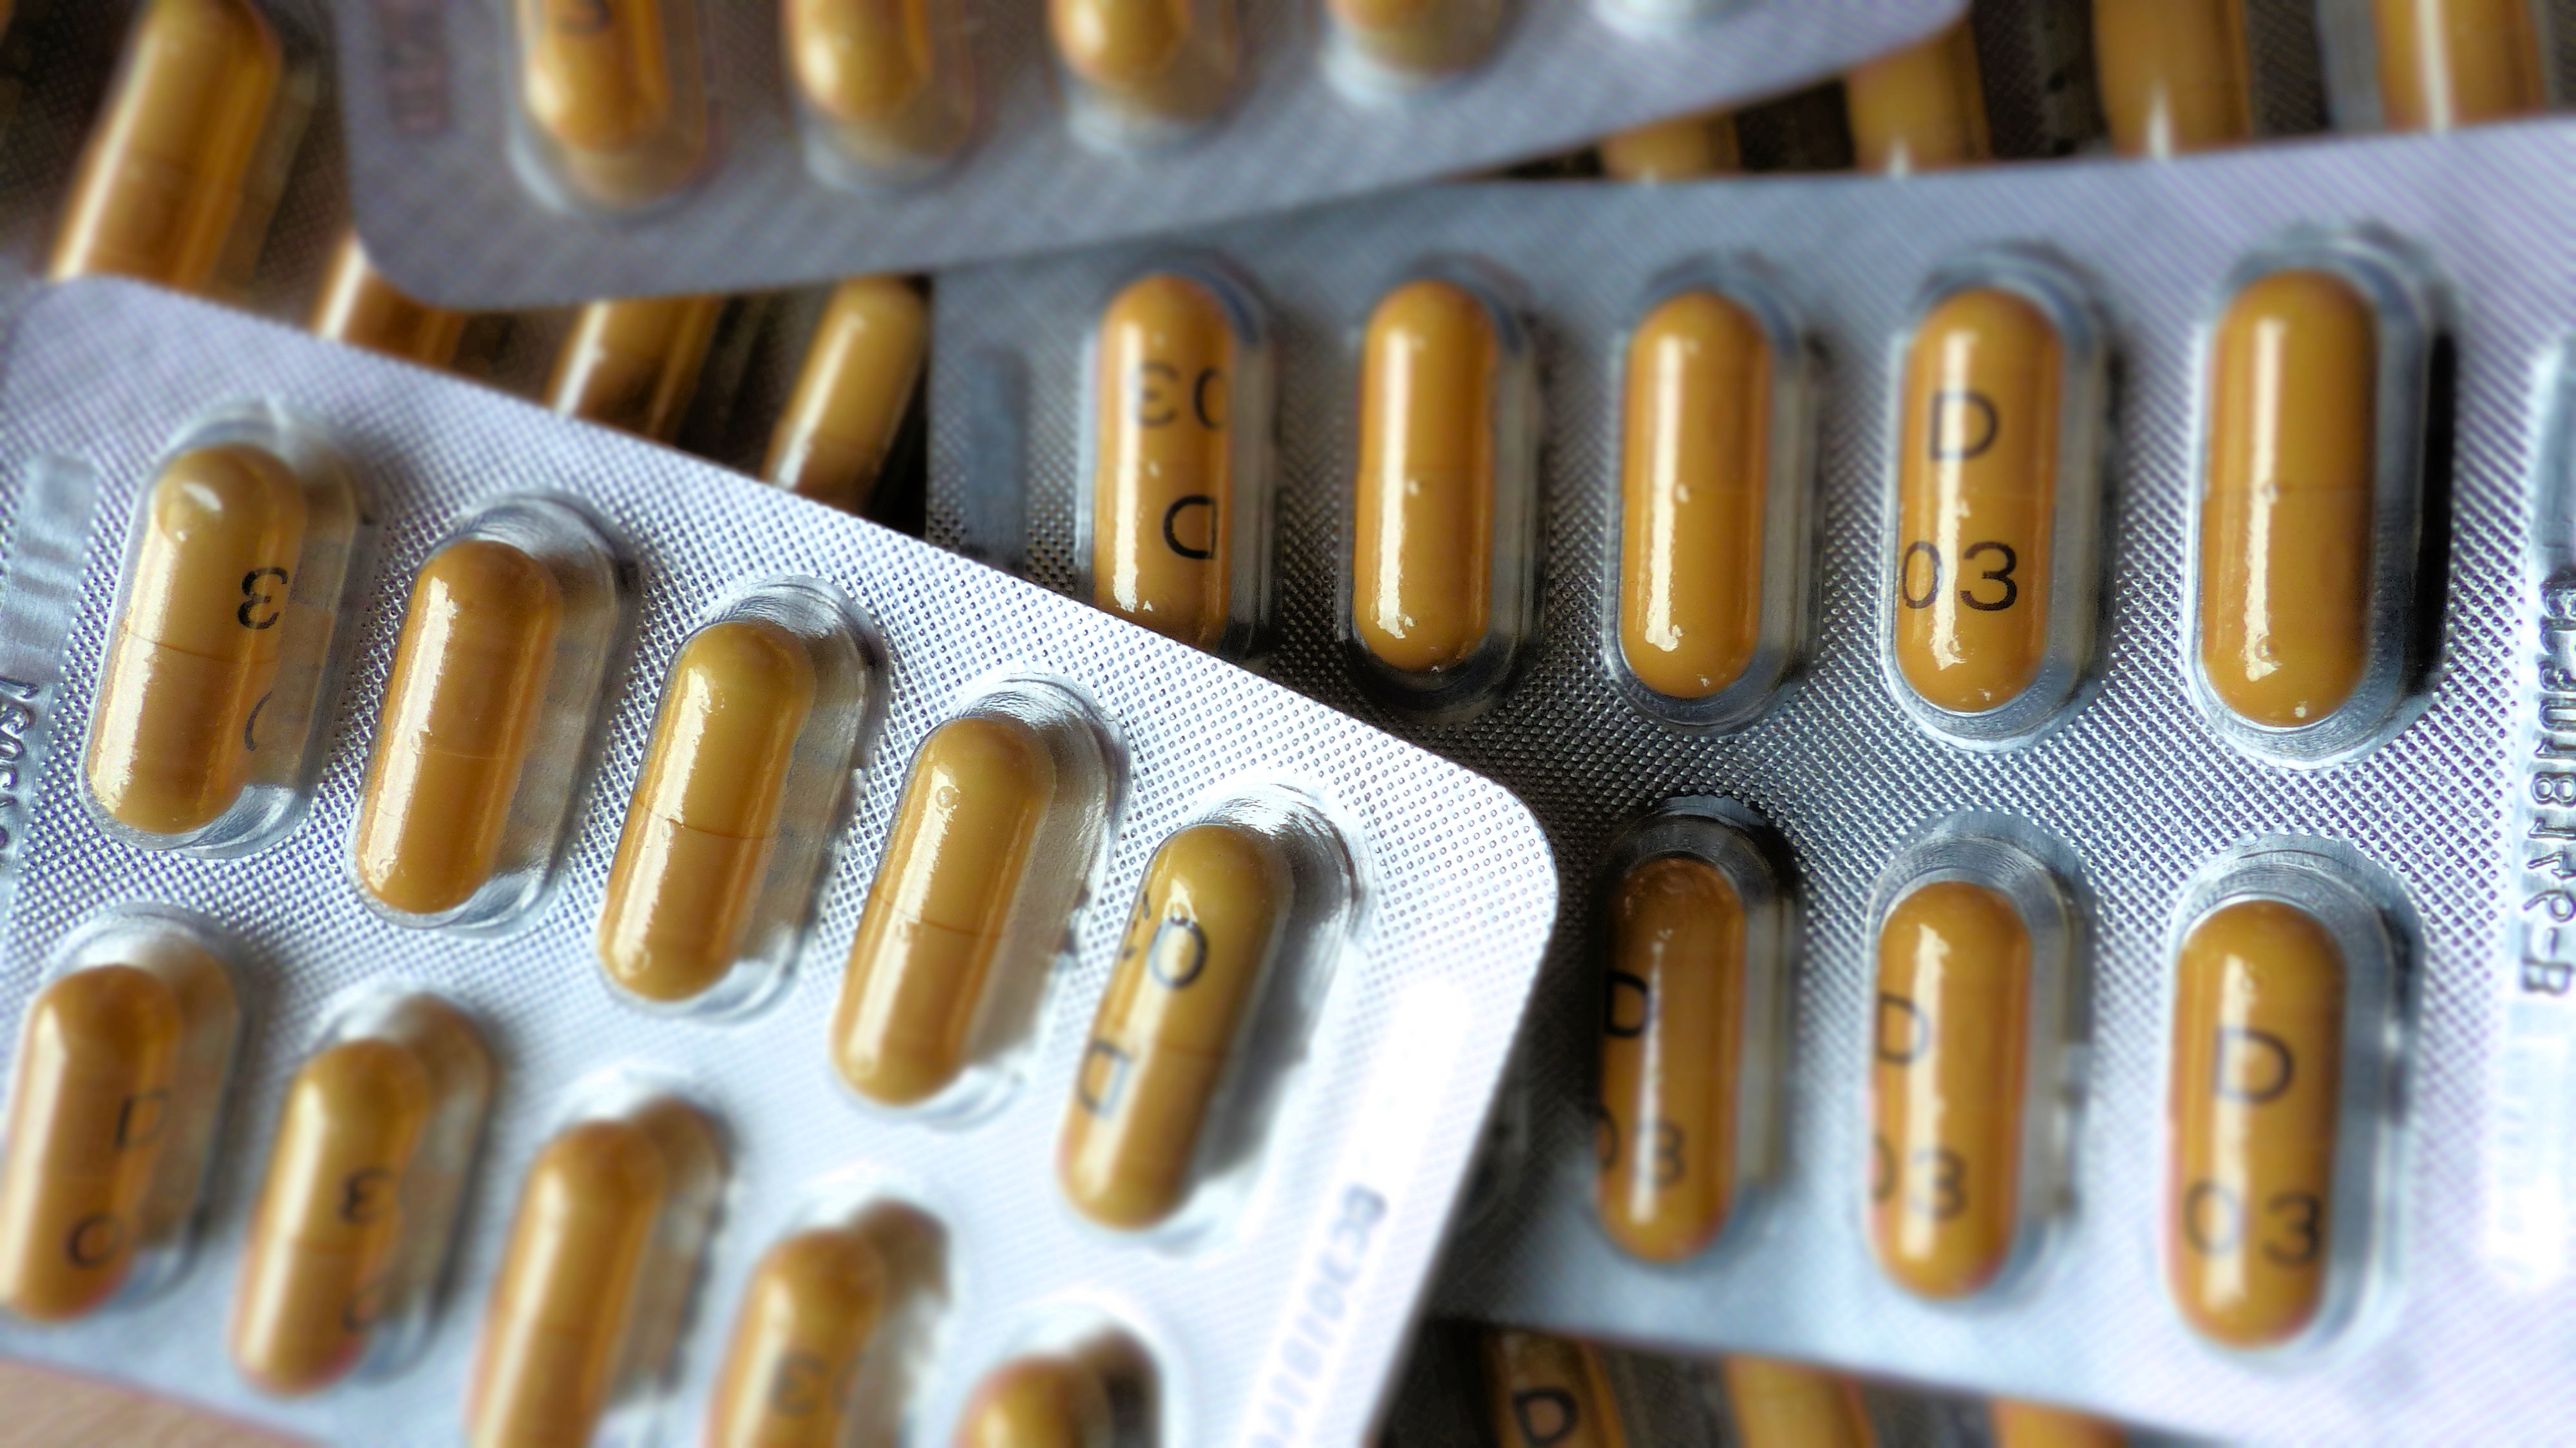 gabapentine-strips-Instituut-voor-Neuropathische-Pijn-INP.JPG